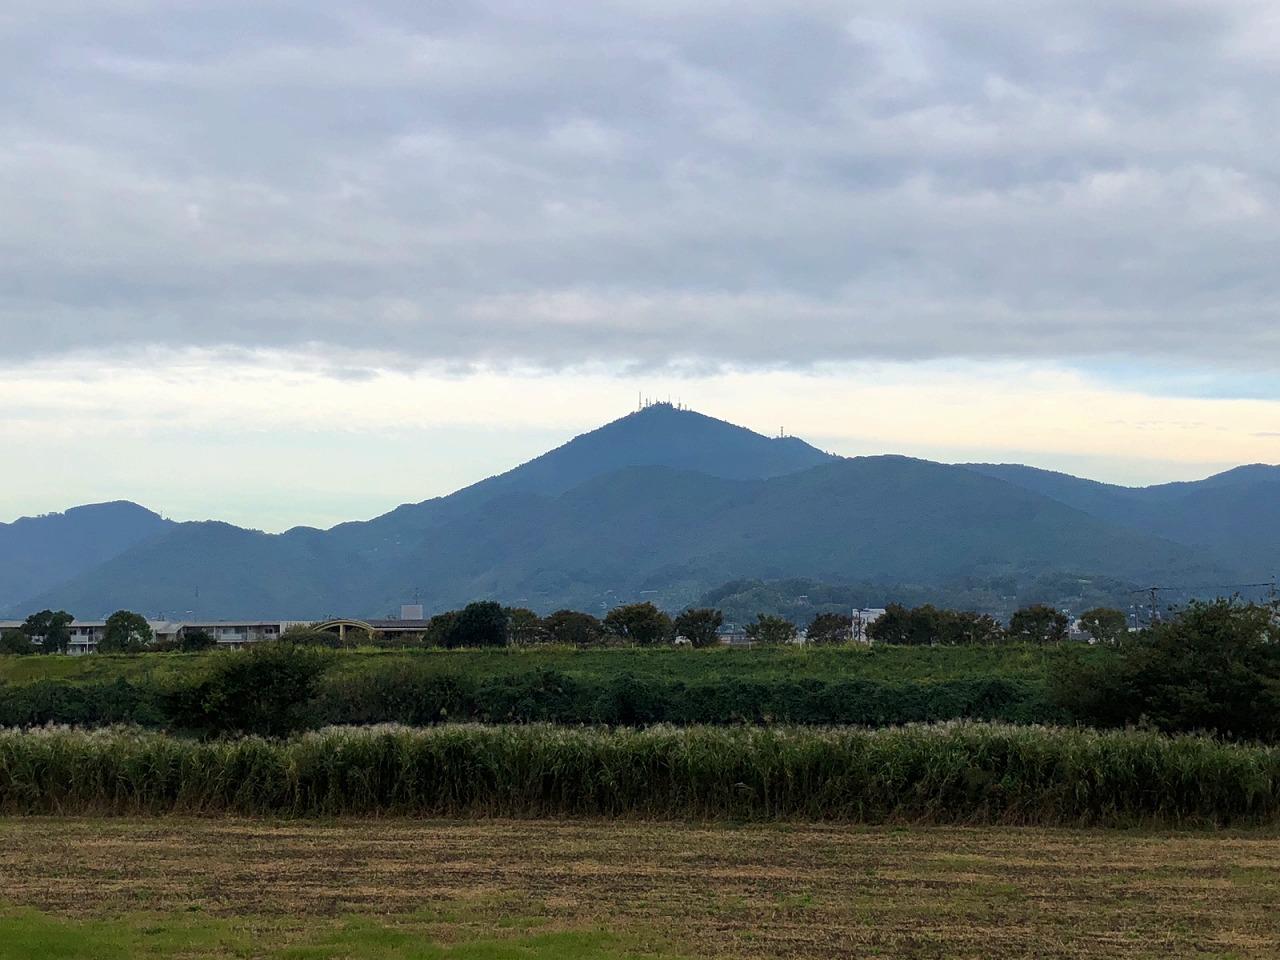 2018.10.15今朝の金峰山です。